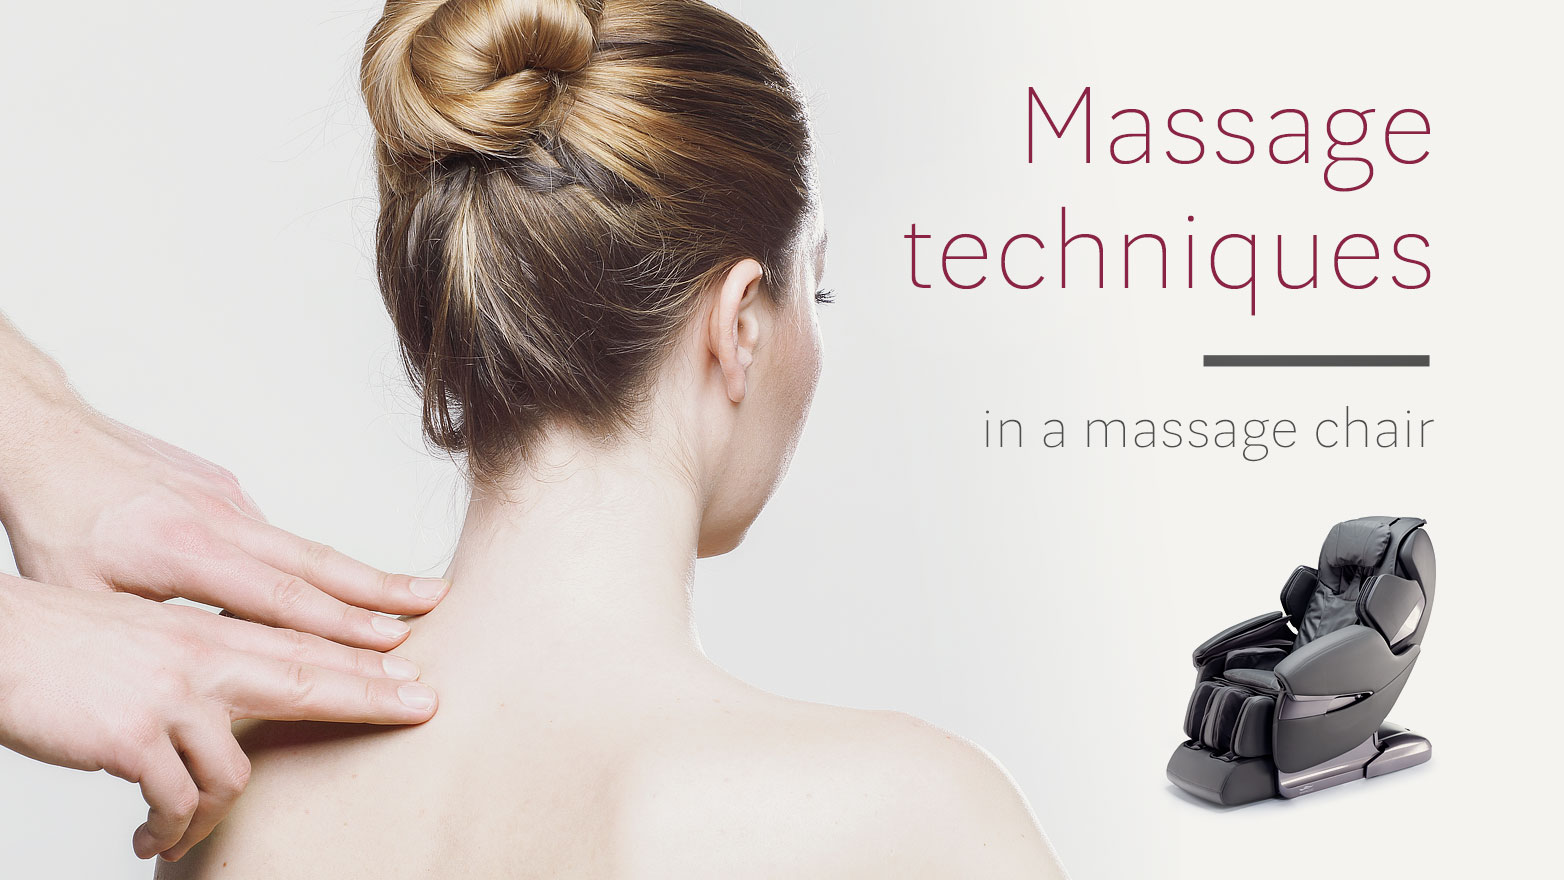 Massage techniques massage chair Rest Lords